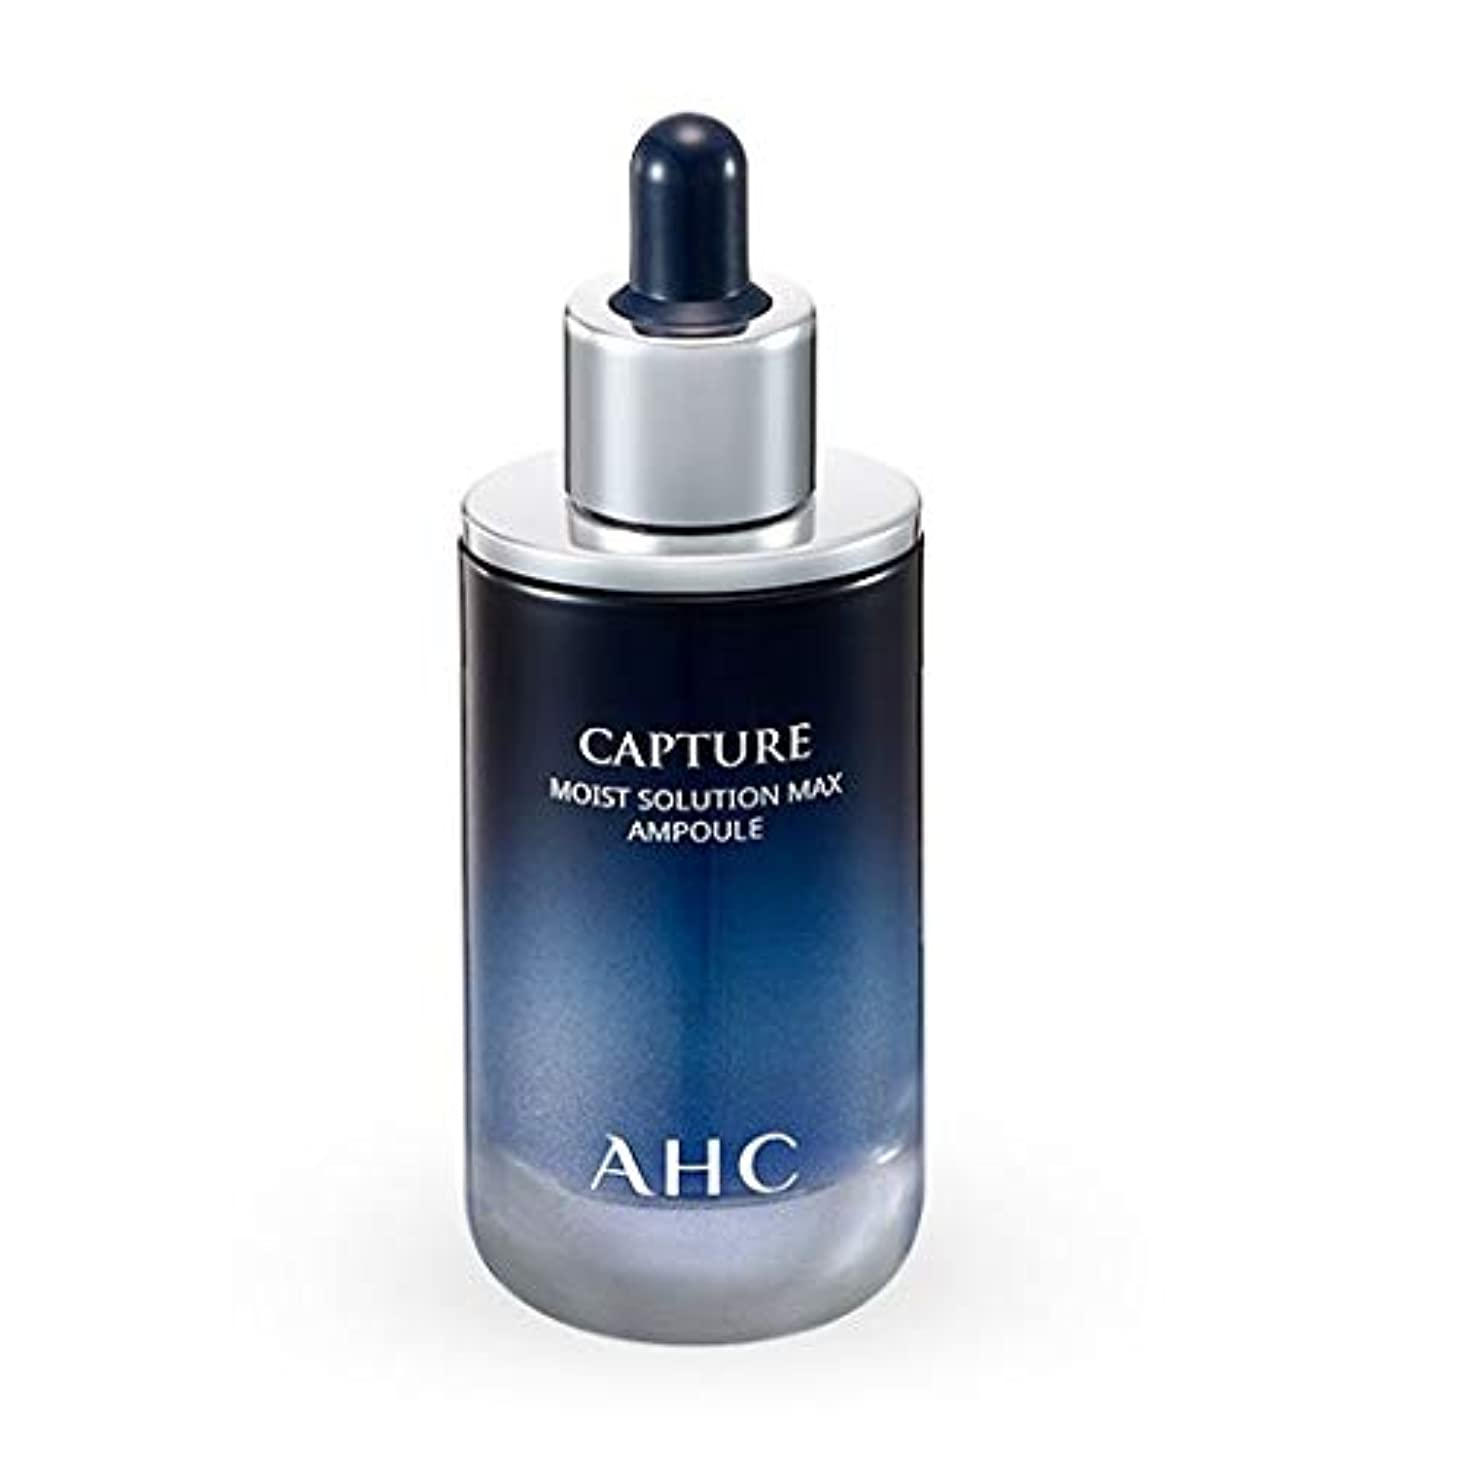 マイクロフォン数学的な良心AHC Capture Moist Solution Max Ampoule/キャプチャー モイスト ソリューション マックス アンプル 50ml [並行輸入品]